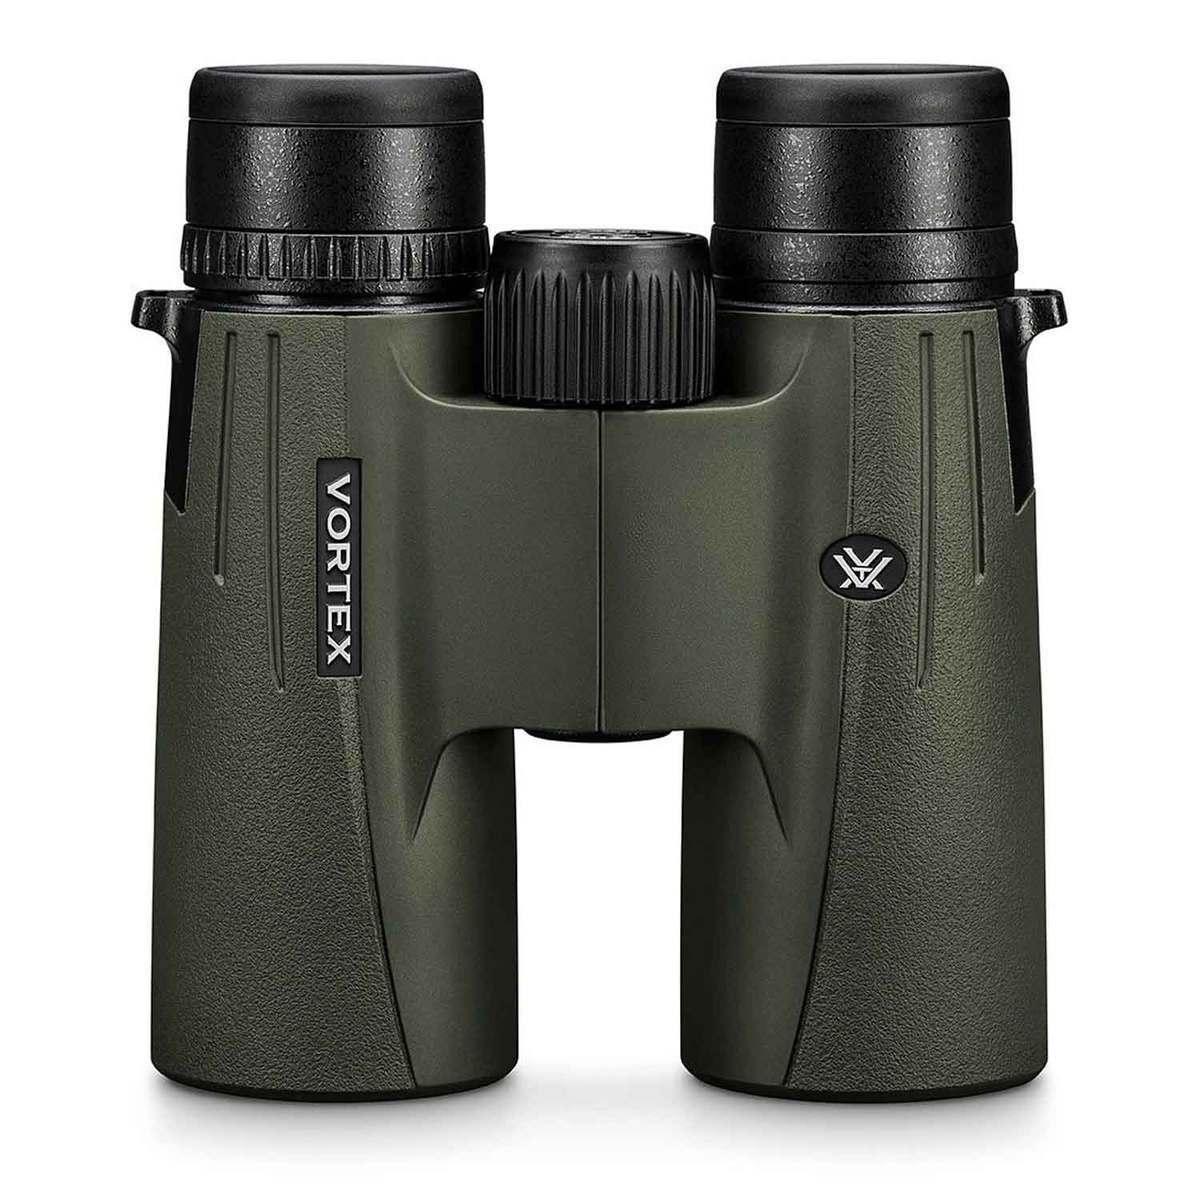 Vortex Viper HD Full Size Binoculars - 10x42